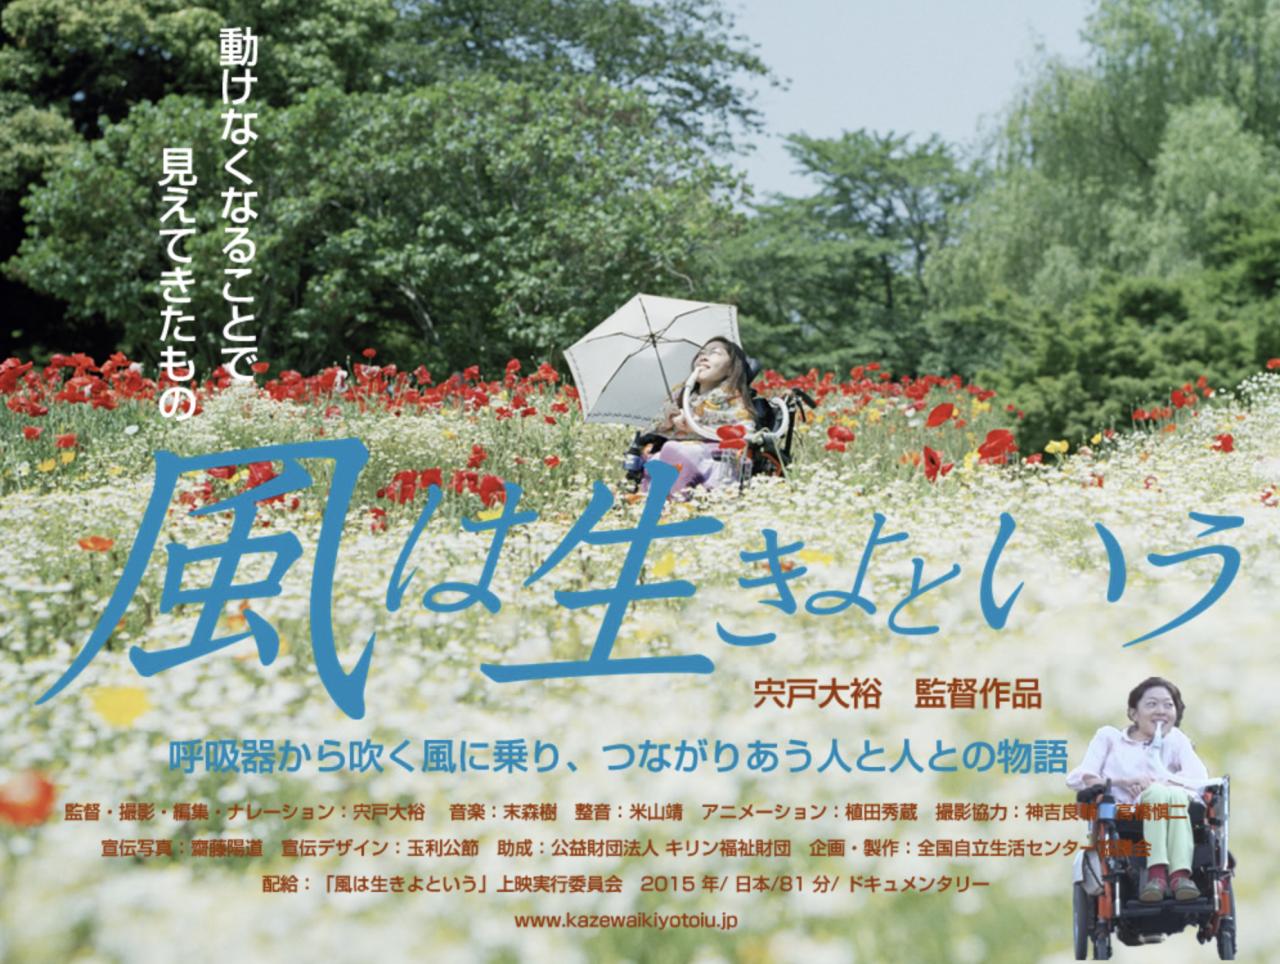 人工呼吸器ユーザーの日常ドキュメンタリー映画「風は生きよという」